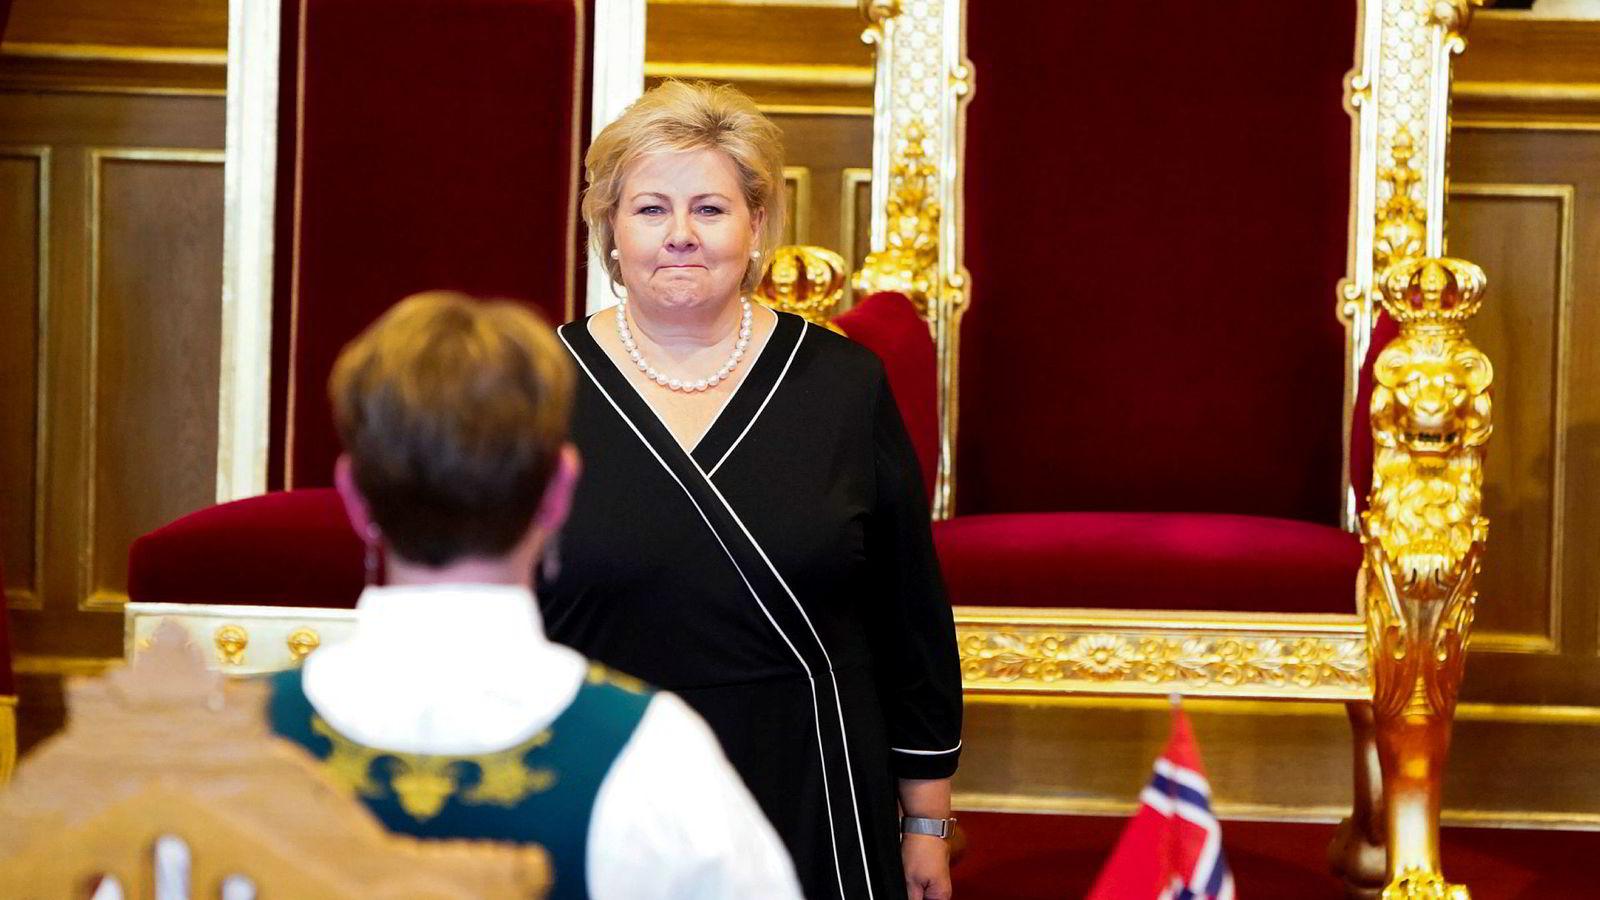 Statsminister Erna Solberg (H) hilser stortingspresident Tone W. Trøen under åpningen av det 164. Storting. En viktig årsak til at Høyre vil styre en så lav andel av befolkningen de neste fire årene, er at de har mistet makten i de største kommunene og byene.